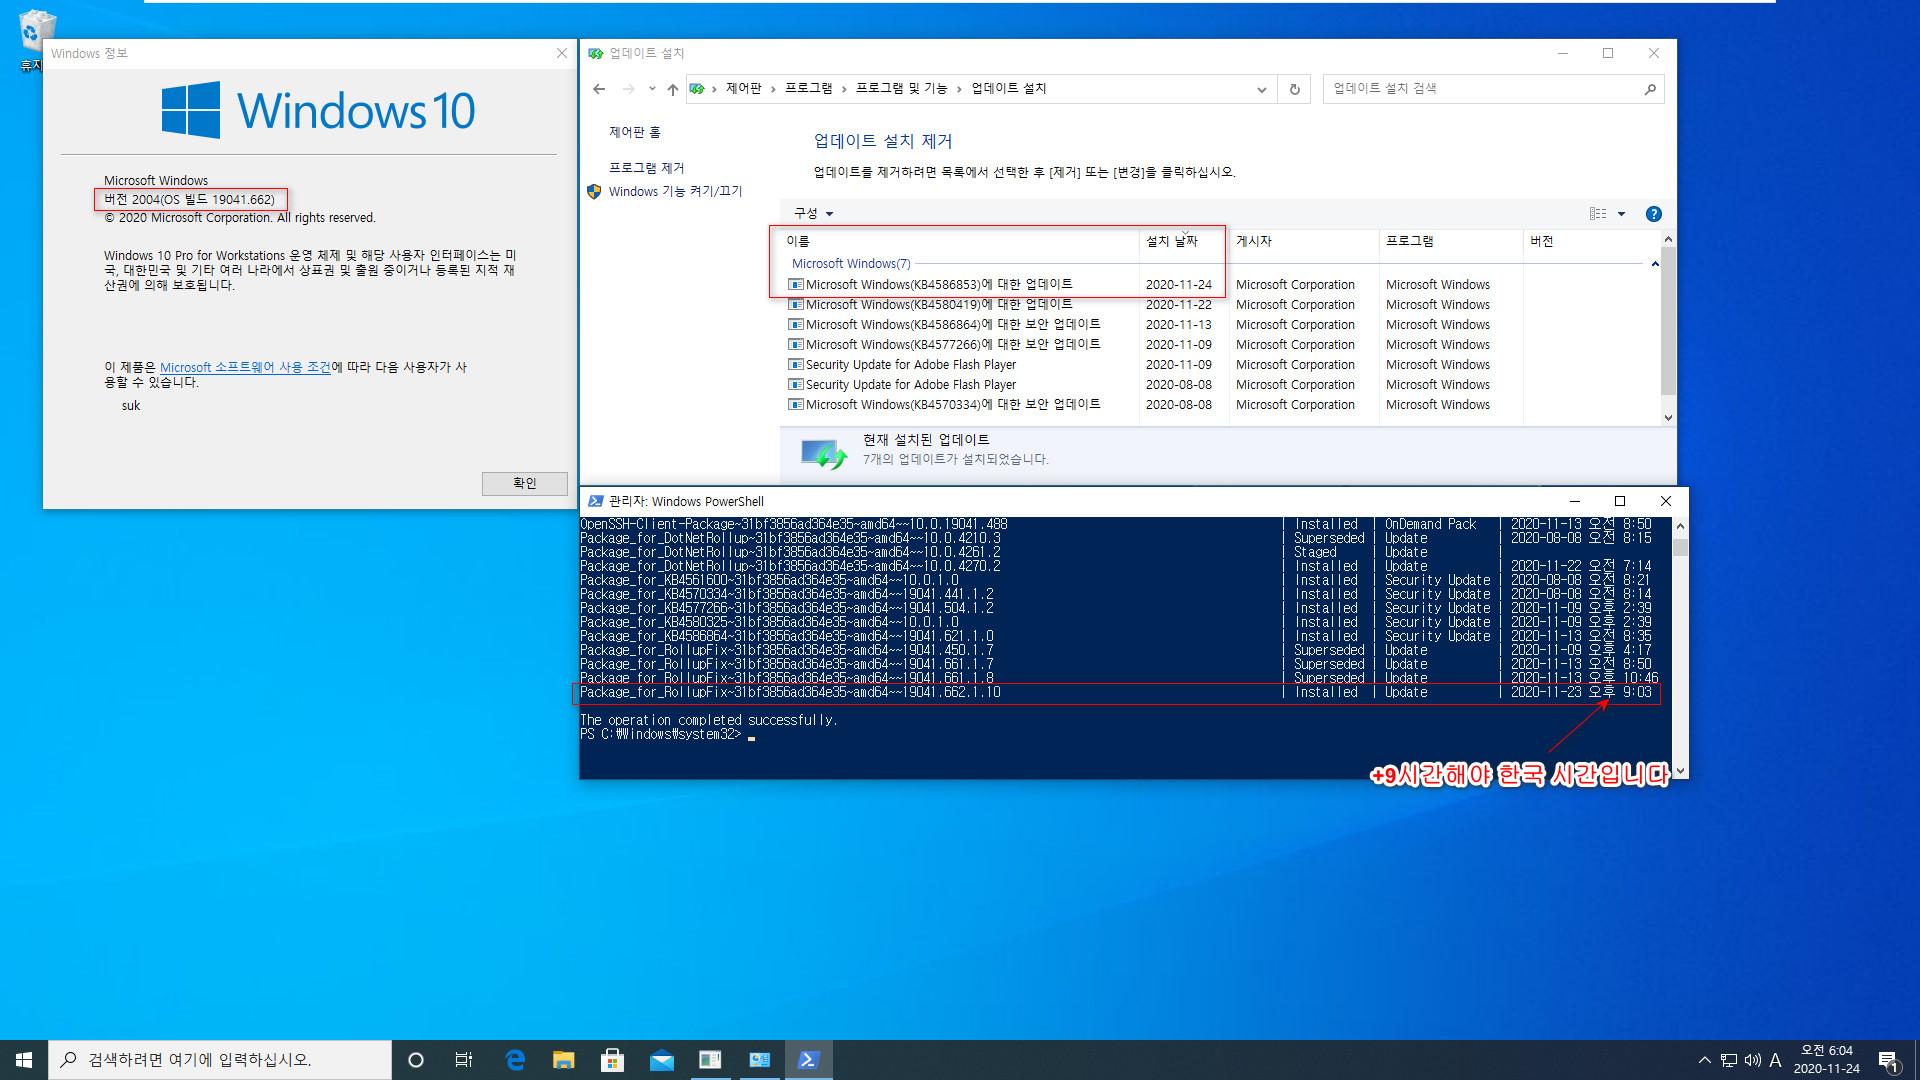 2020-11-24 화요일 [프리뷰 유출] Windows 10 버전 2004 + 버전 20H2 누적 업데이트 KB4586853 (OS 빌드 19041.662 + 19042.662) - vmware에 설치 테스트 2020-11-24_060456.jpg